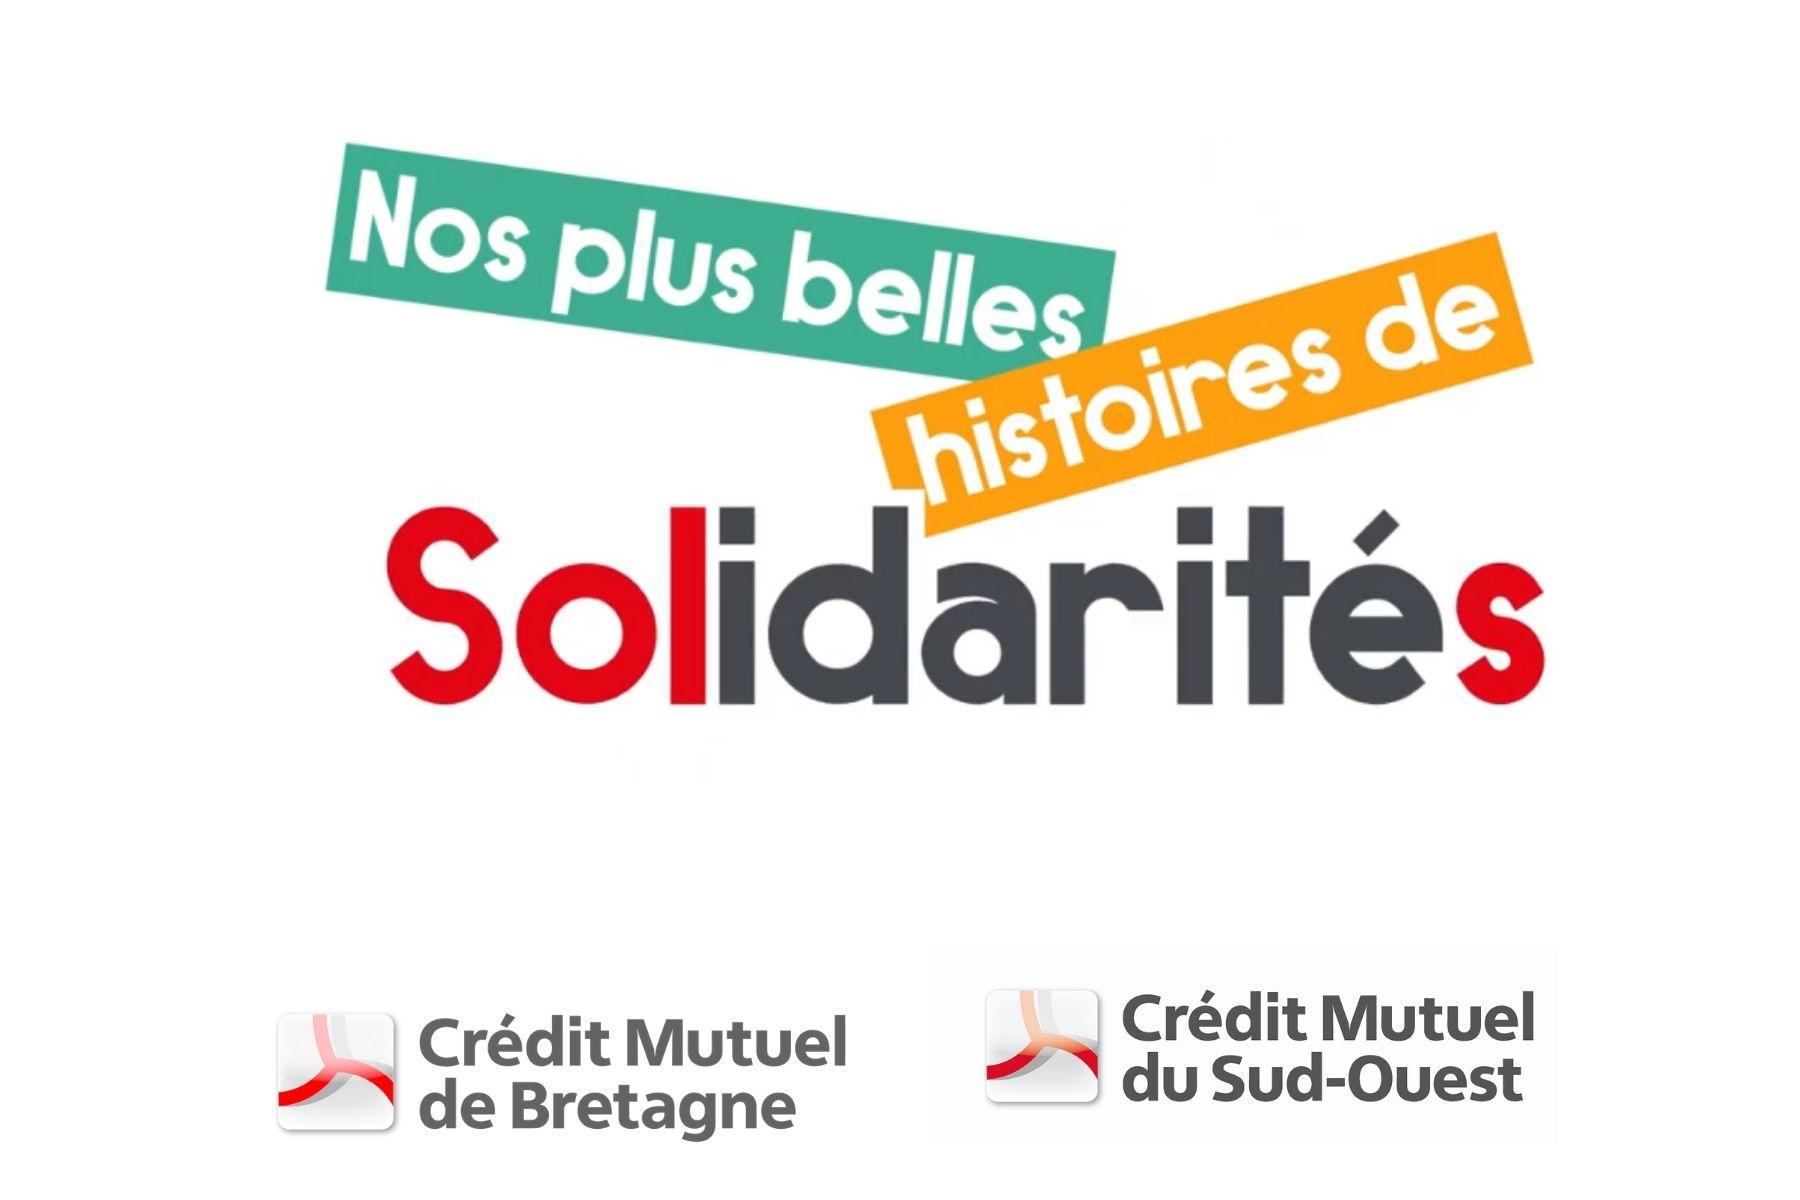 Les belles histoires de solidarités